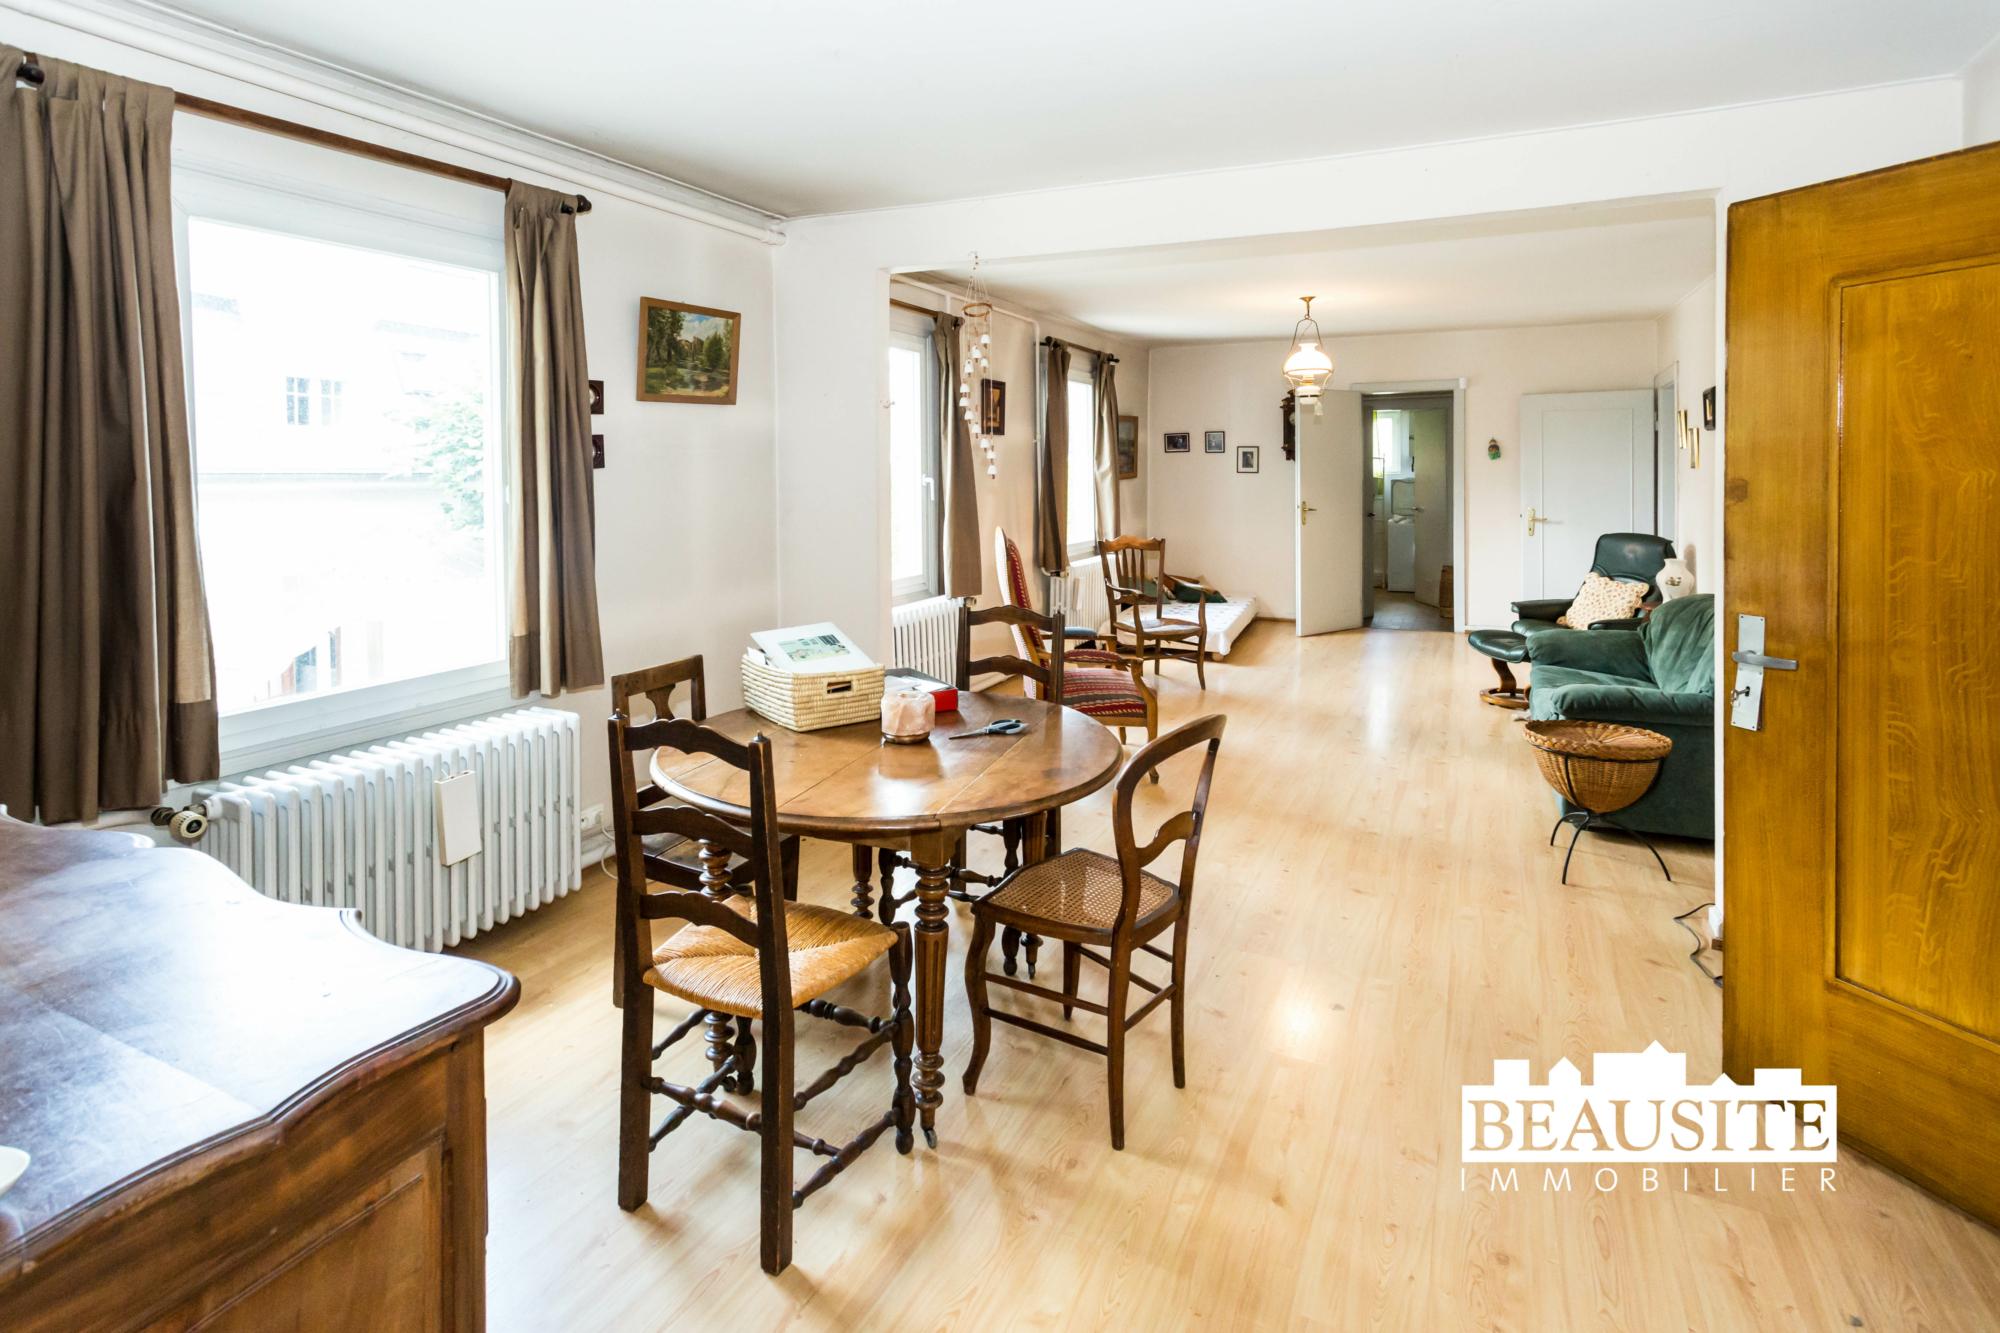 [Eden] Une maison au cœur du Neudorf et son jardin luxuriant - Neudorf / rue Saint-Urbain - nos ventes - Beausite Immobilier 14